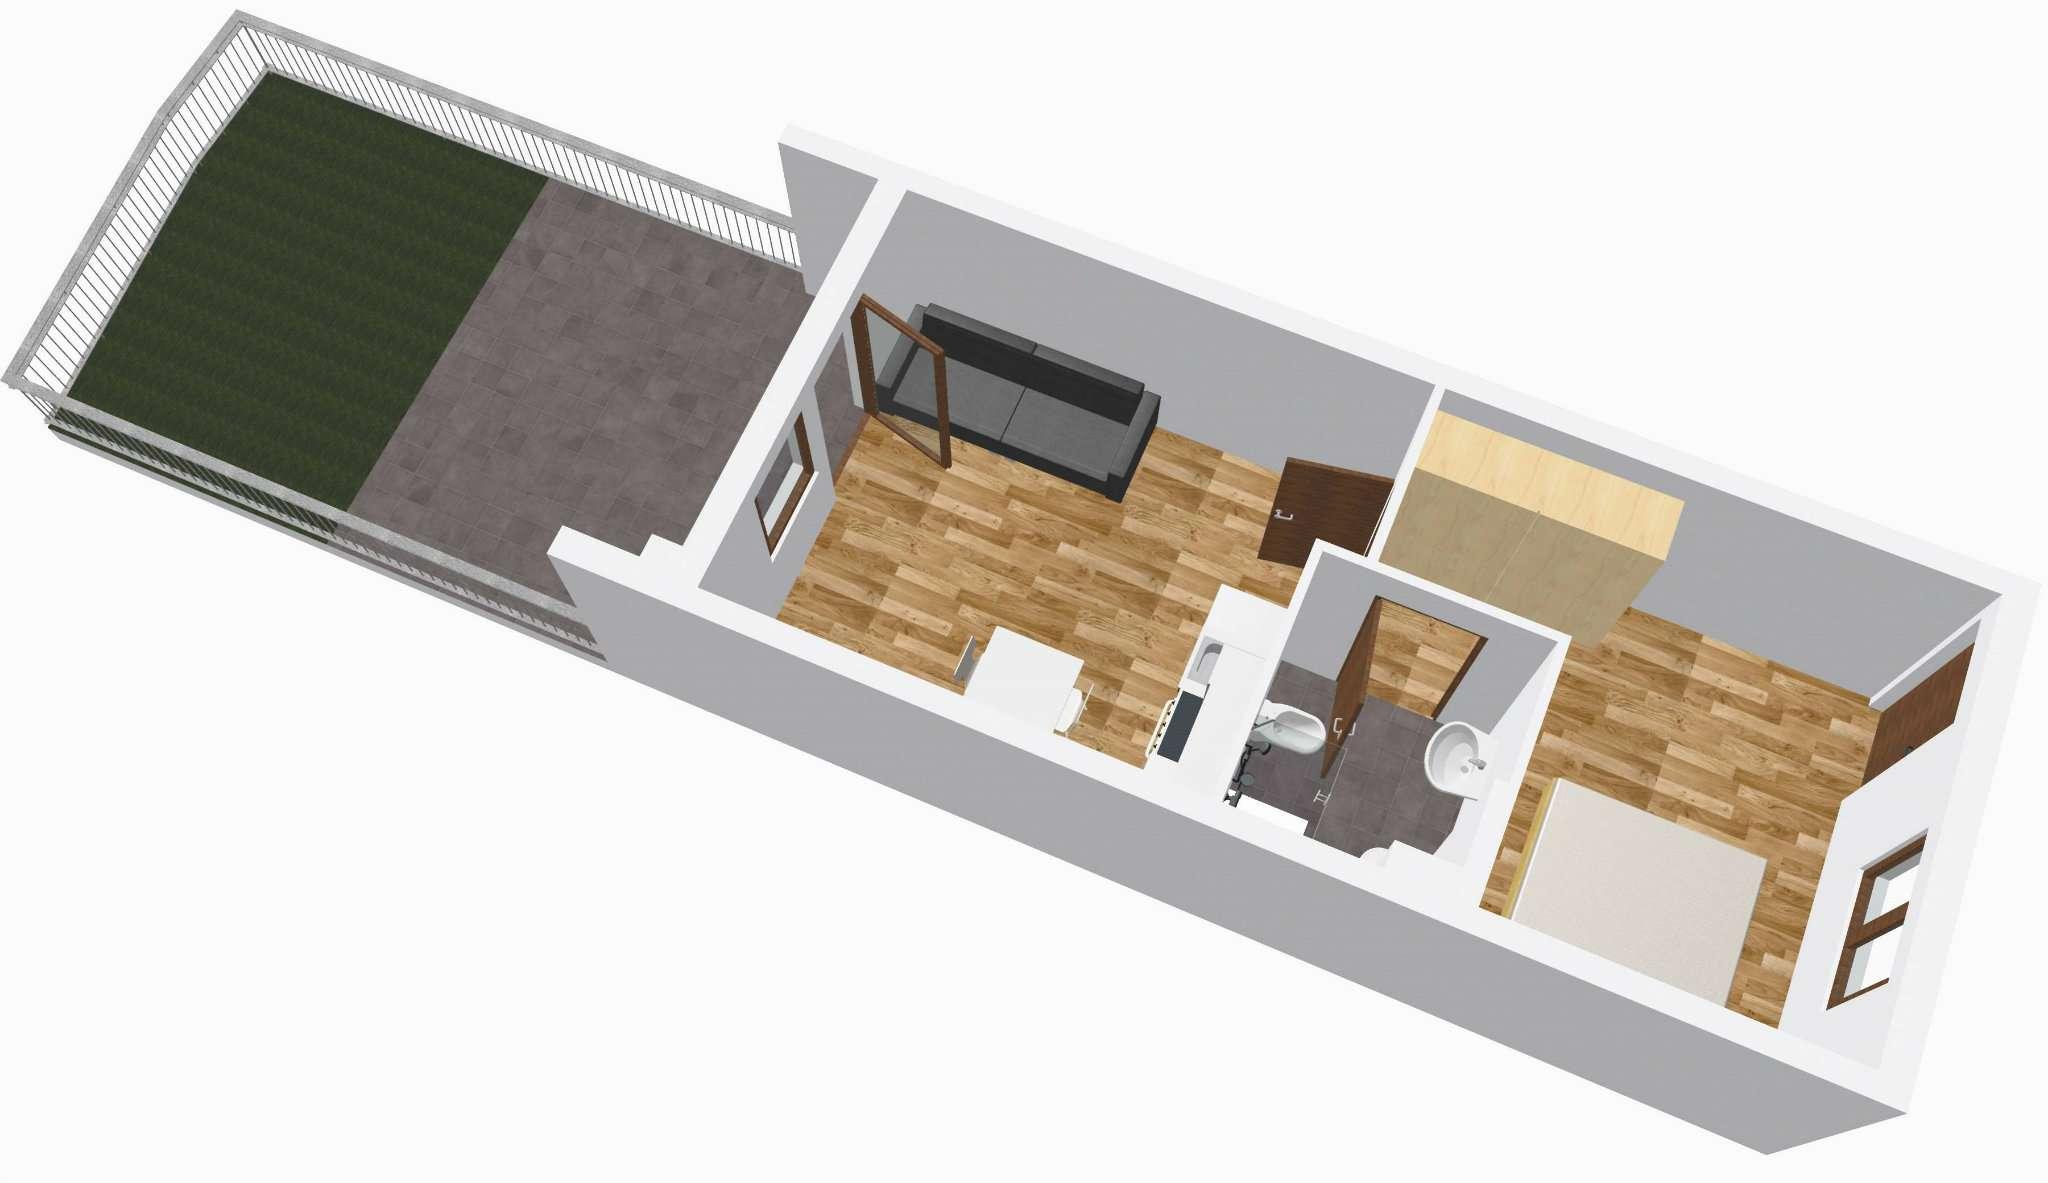 Appartamento in vendita a Brenzone, 2 locali, prezzo € 163.000 | PortaleAgenzieImmobiliari.it